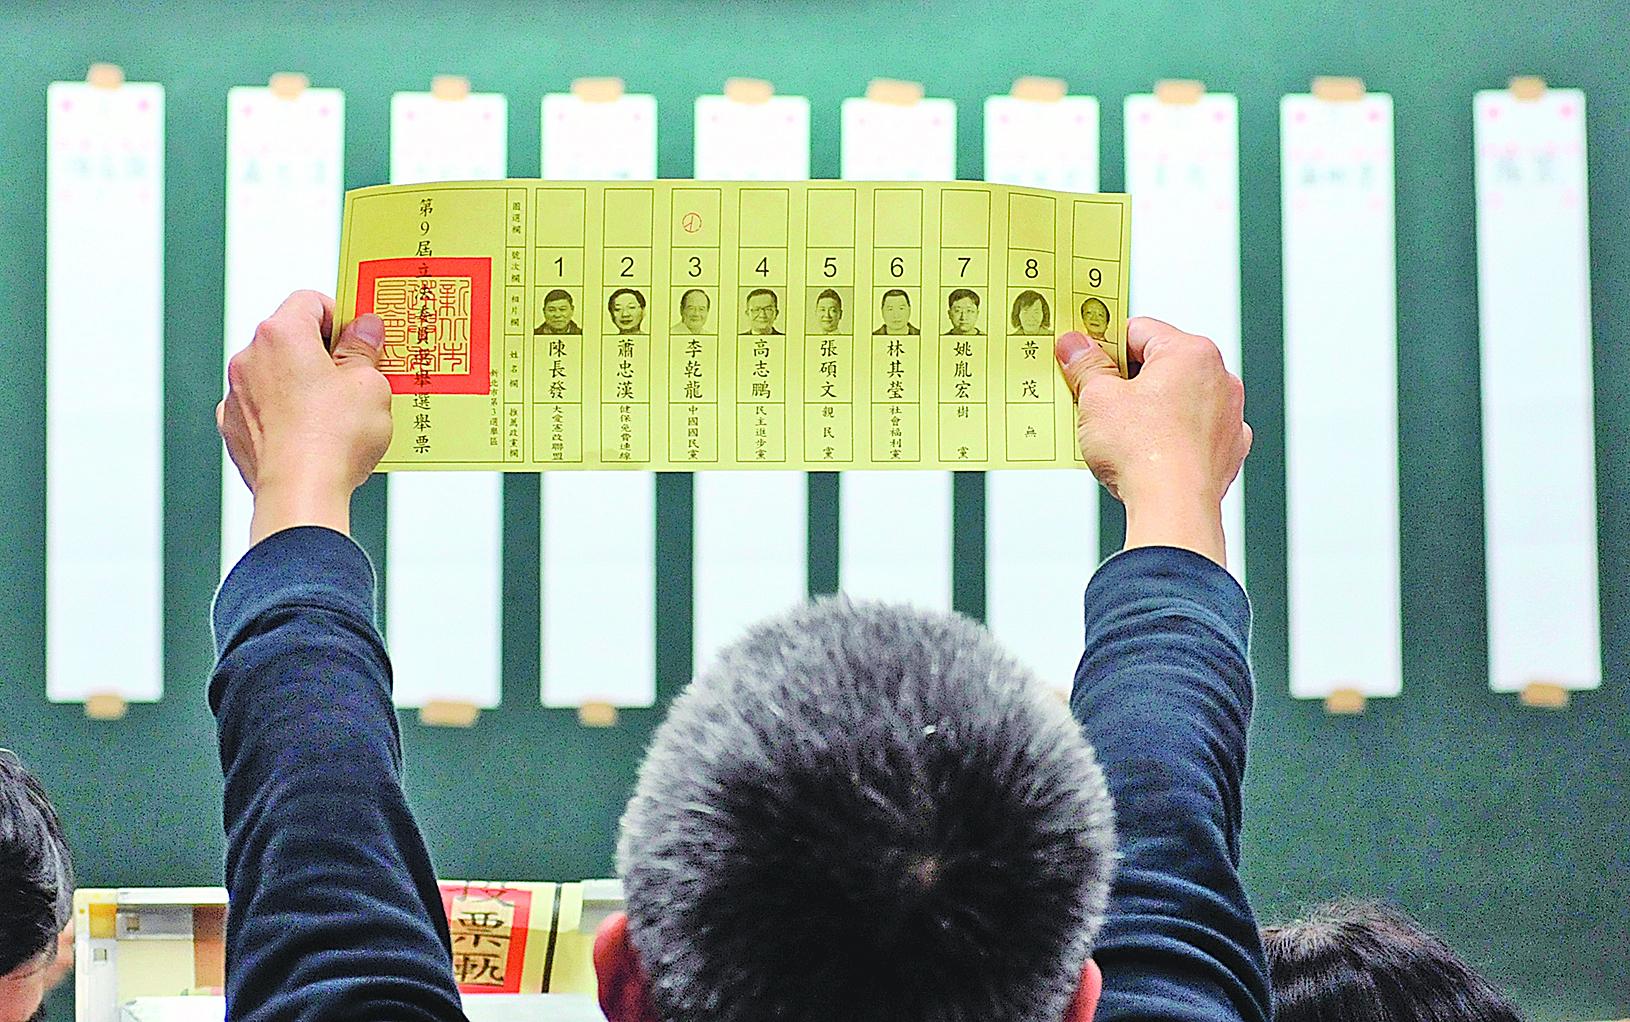 台灣把民主玩得精彩紛呈,圖為2016年台灣立委選舉開票現場。(Getty Images)